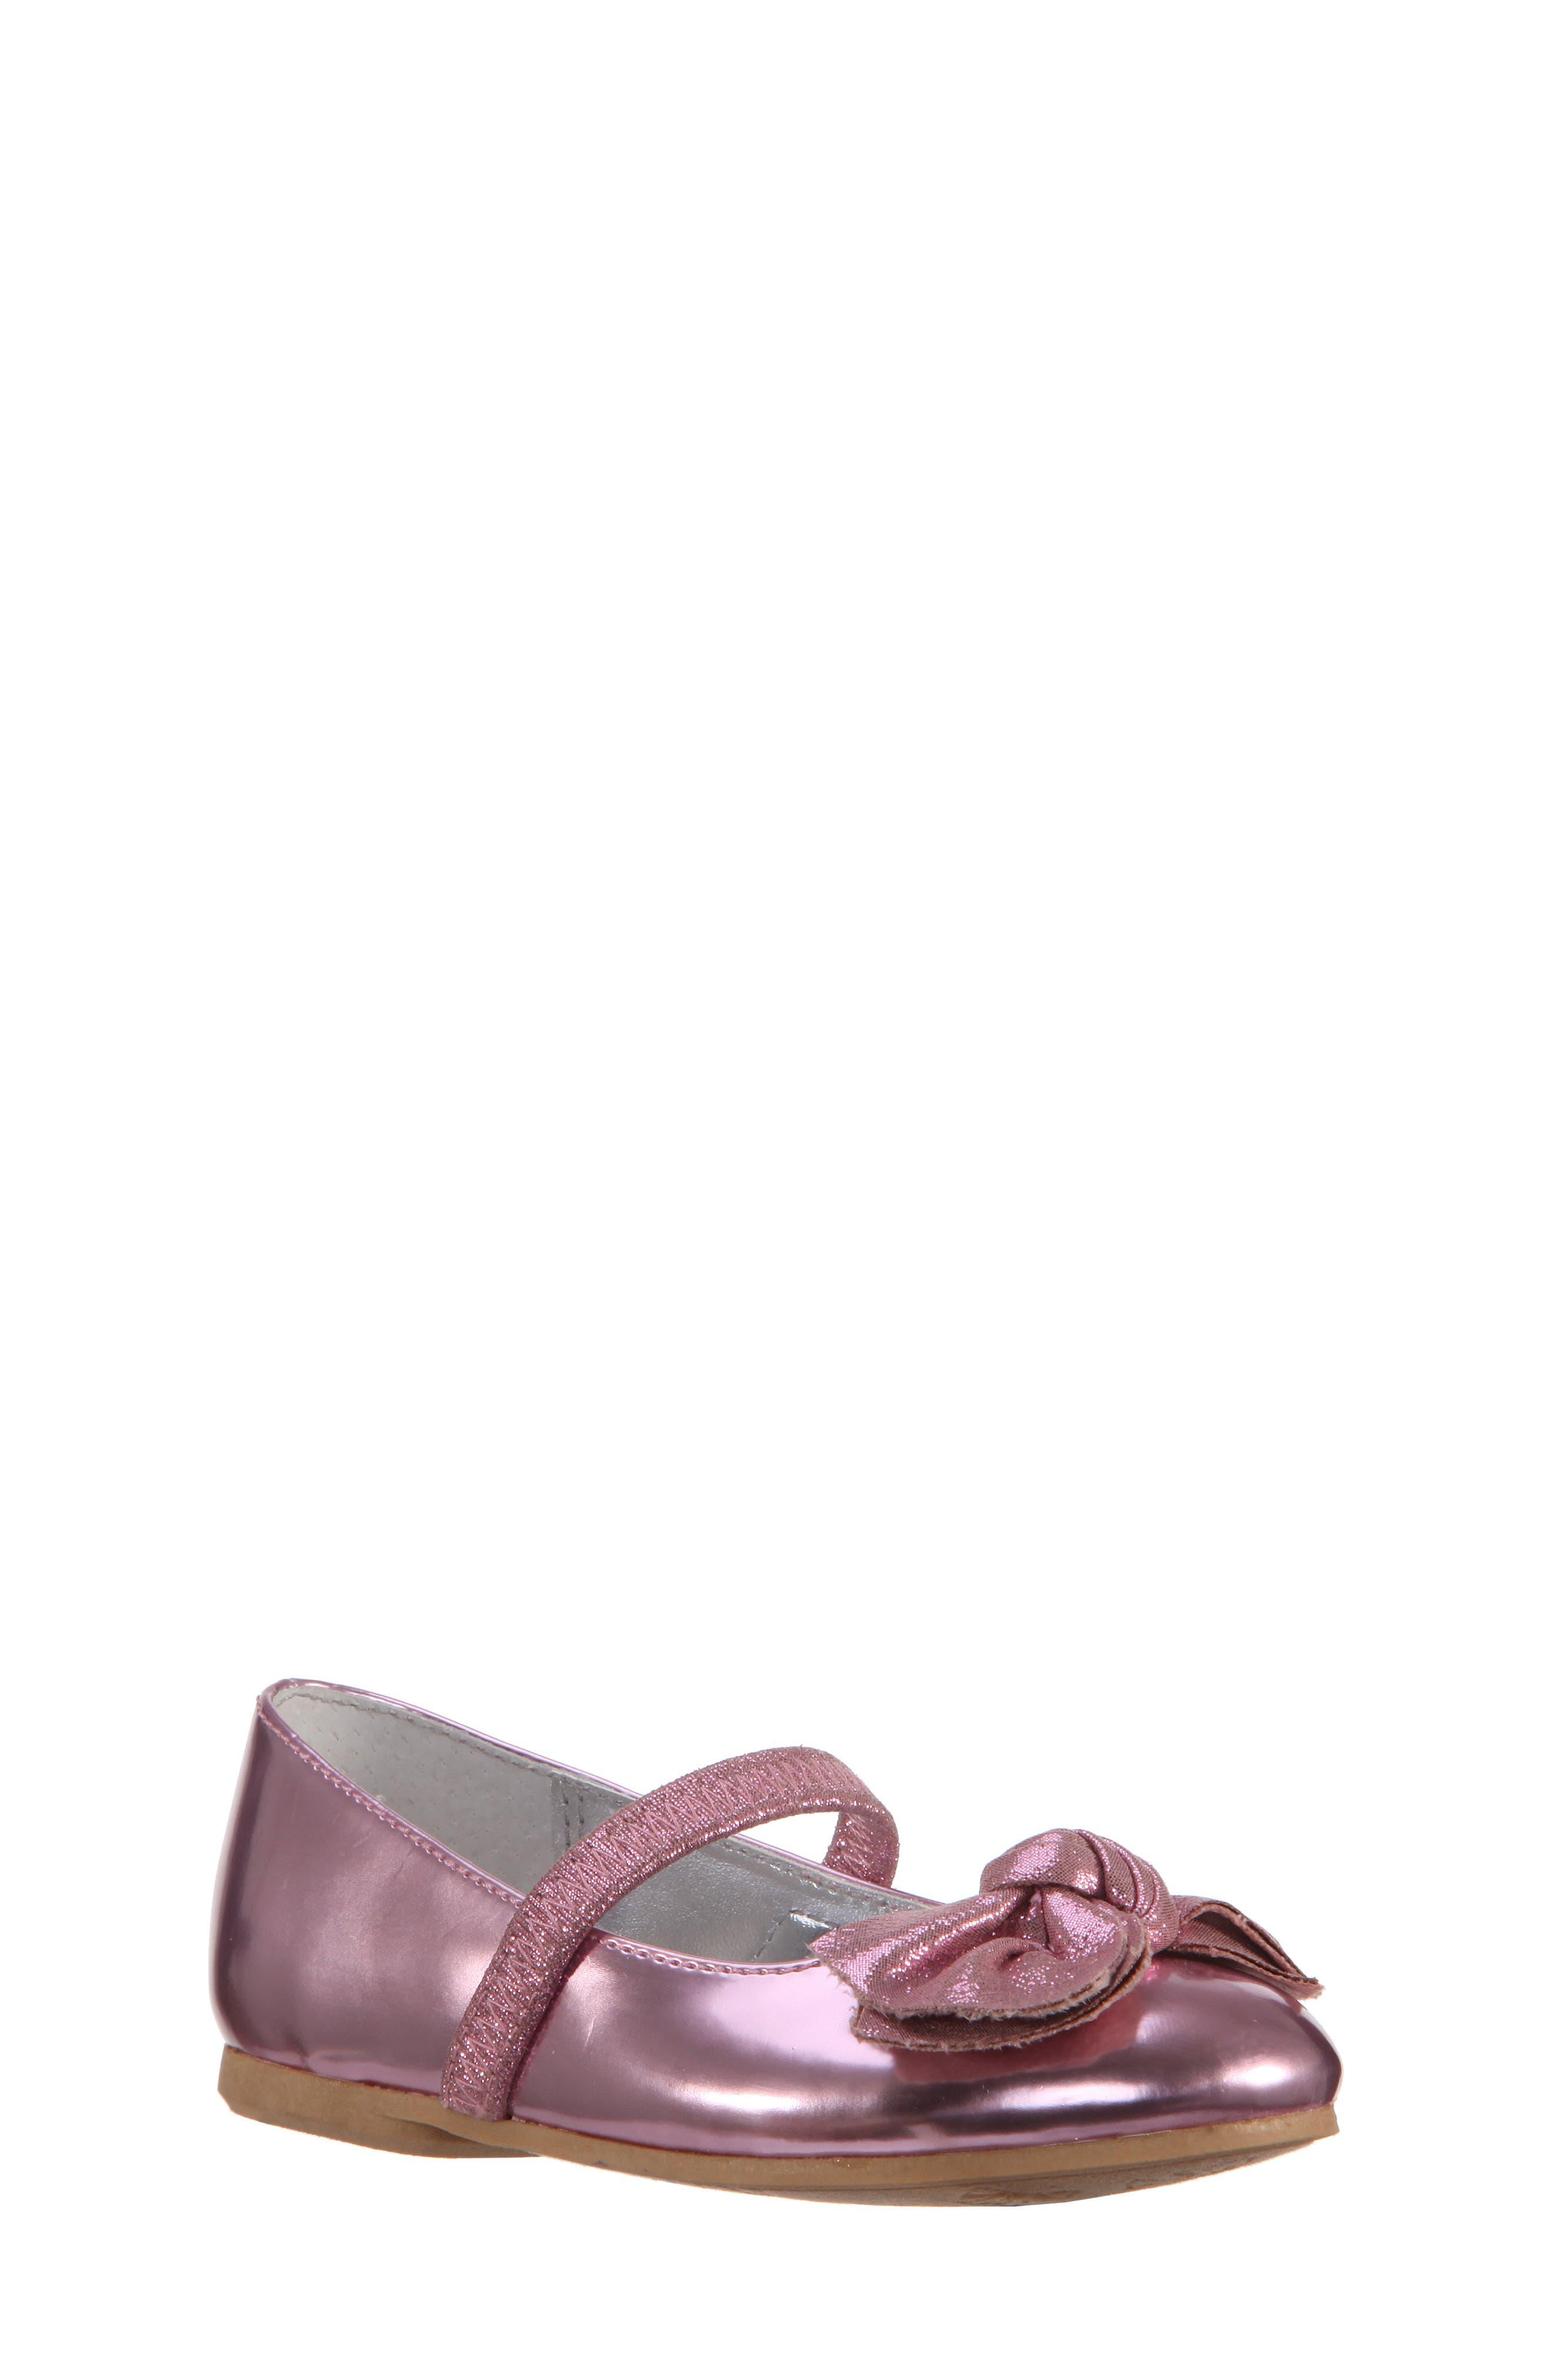 Kaytelyn-T Glitter Bow Ballet Flat,                             Main thumbnail 5, color,